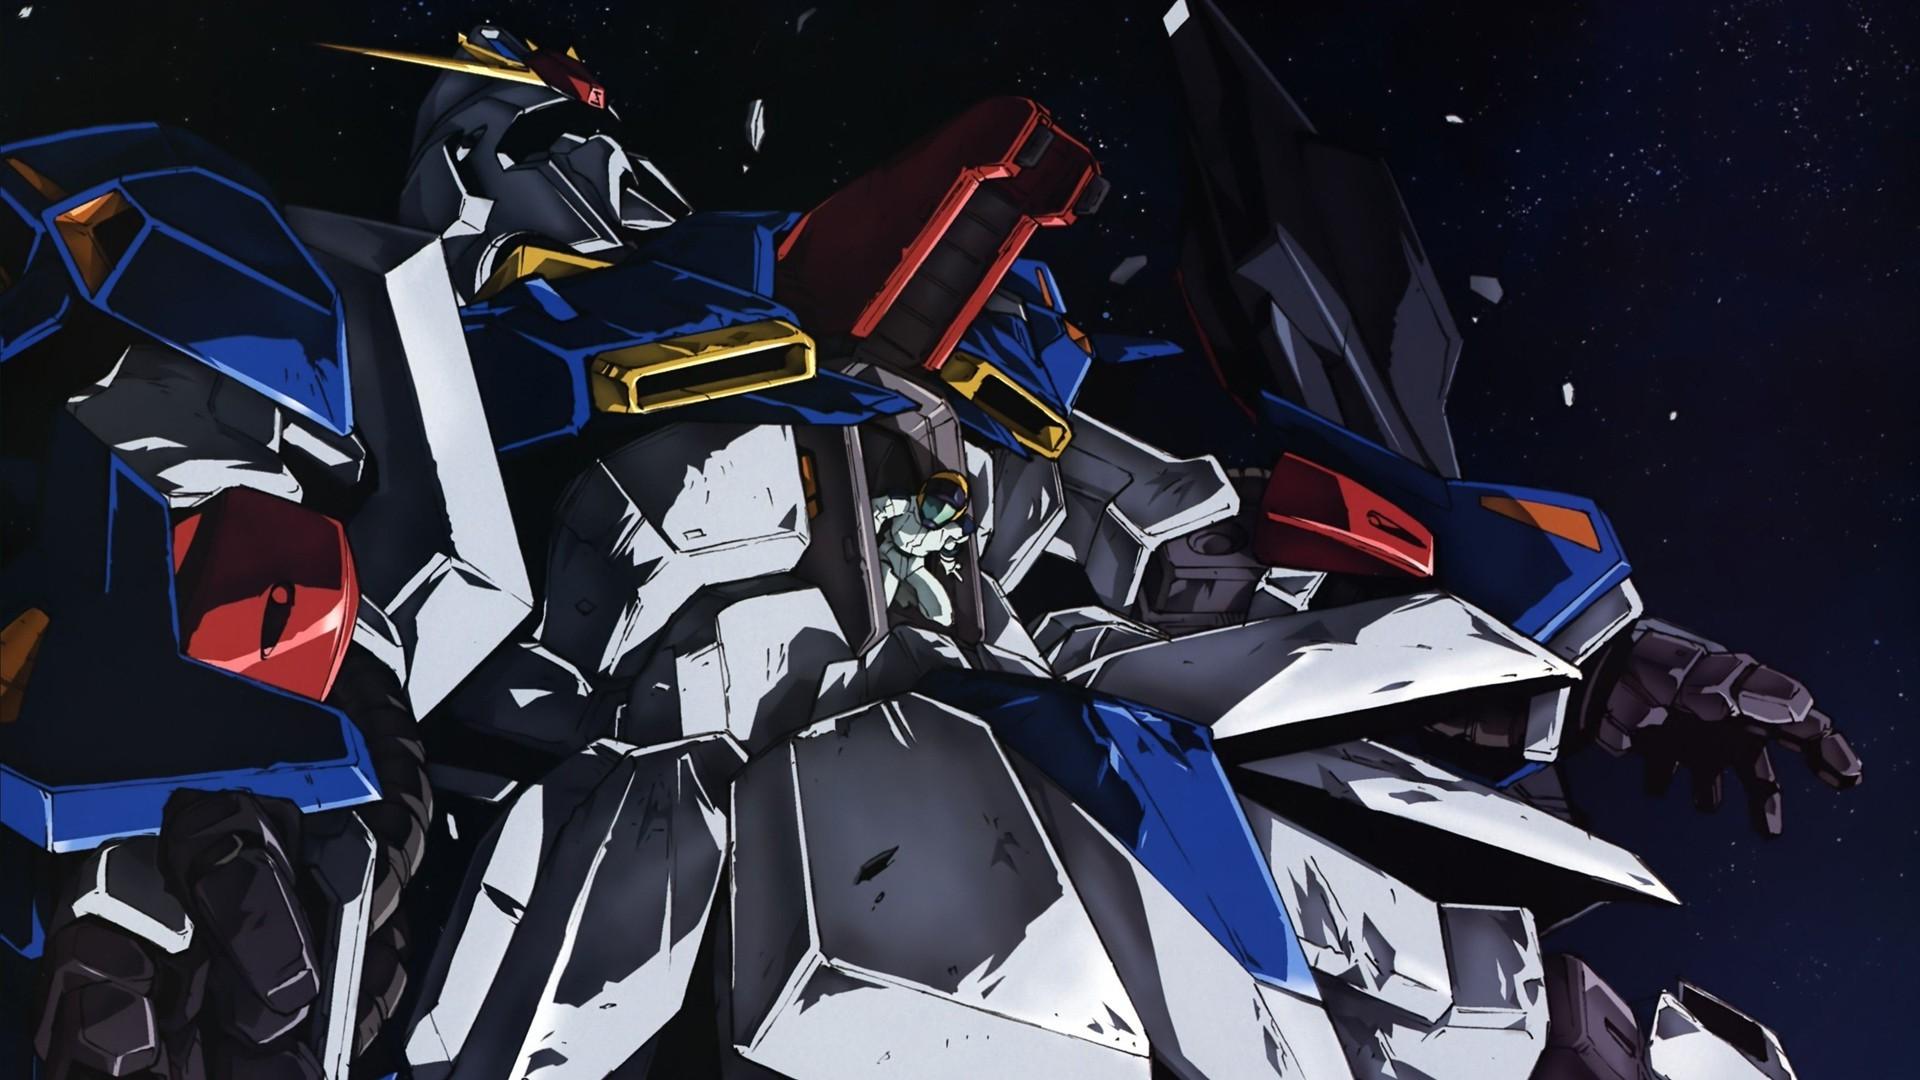 Wallpaper 1920x1080 Px Mobile Suit Mobile Suit Zeta Gundam